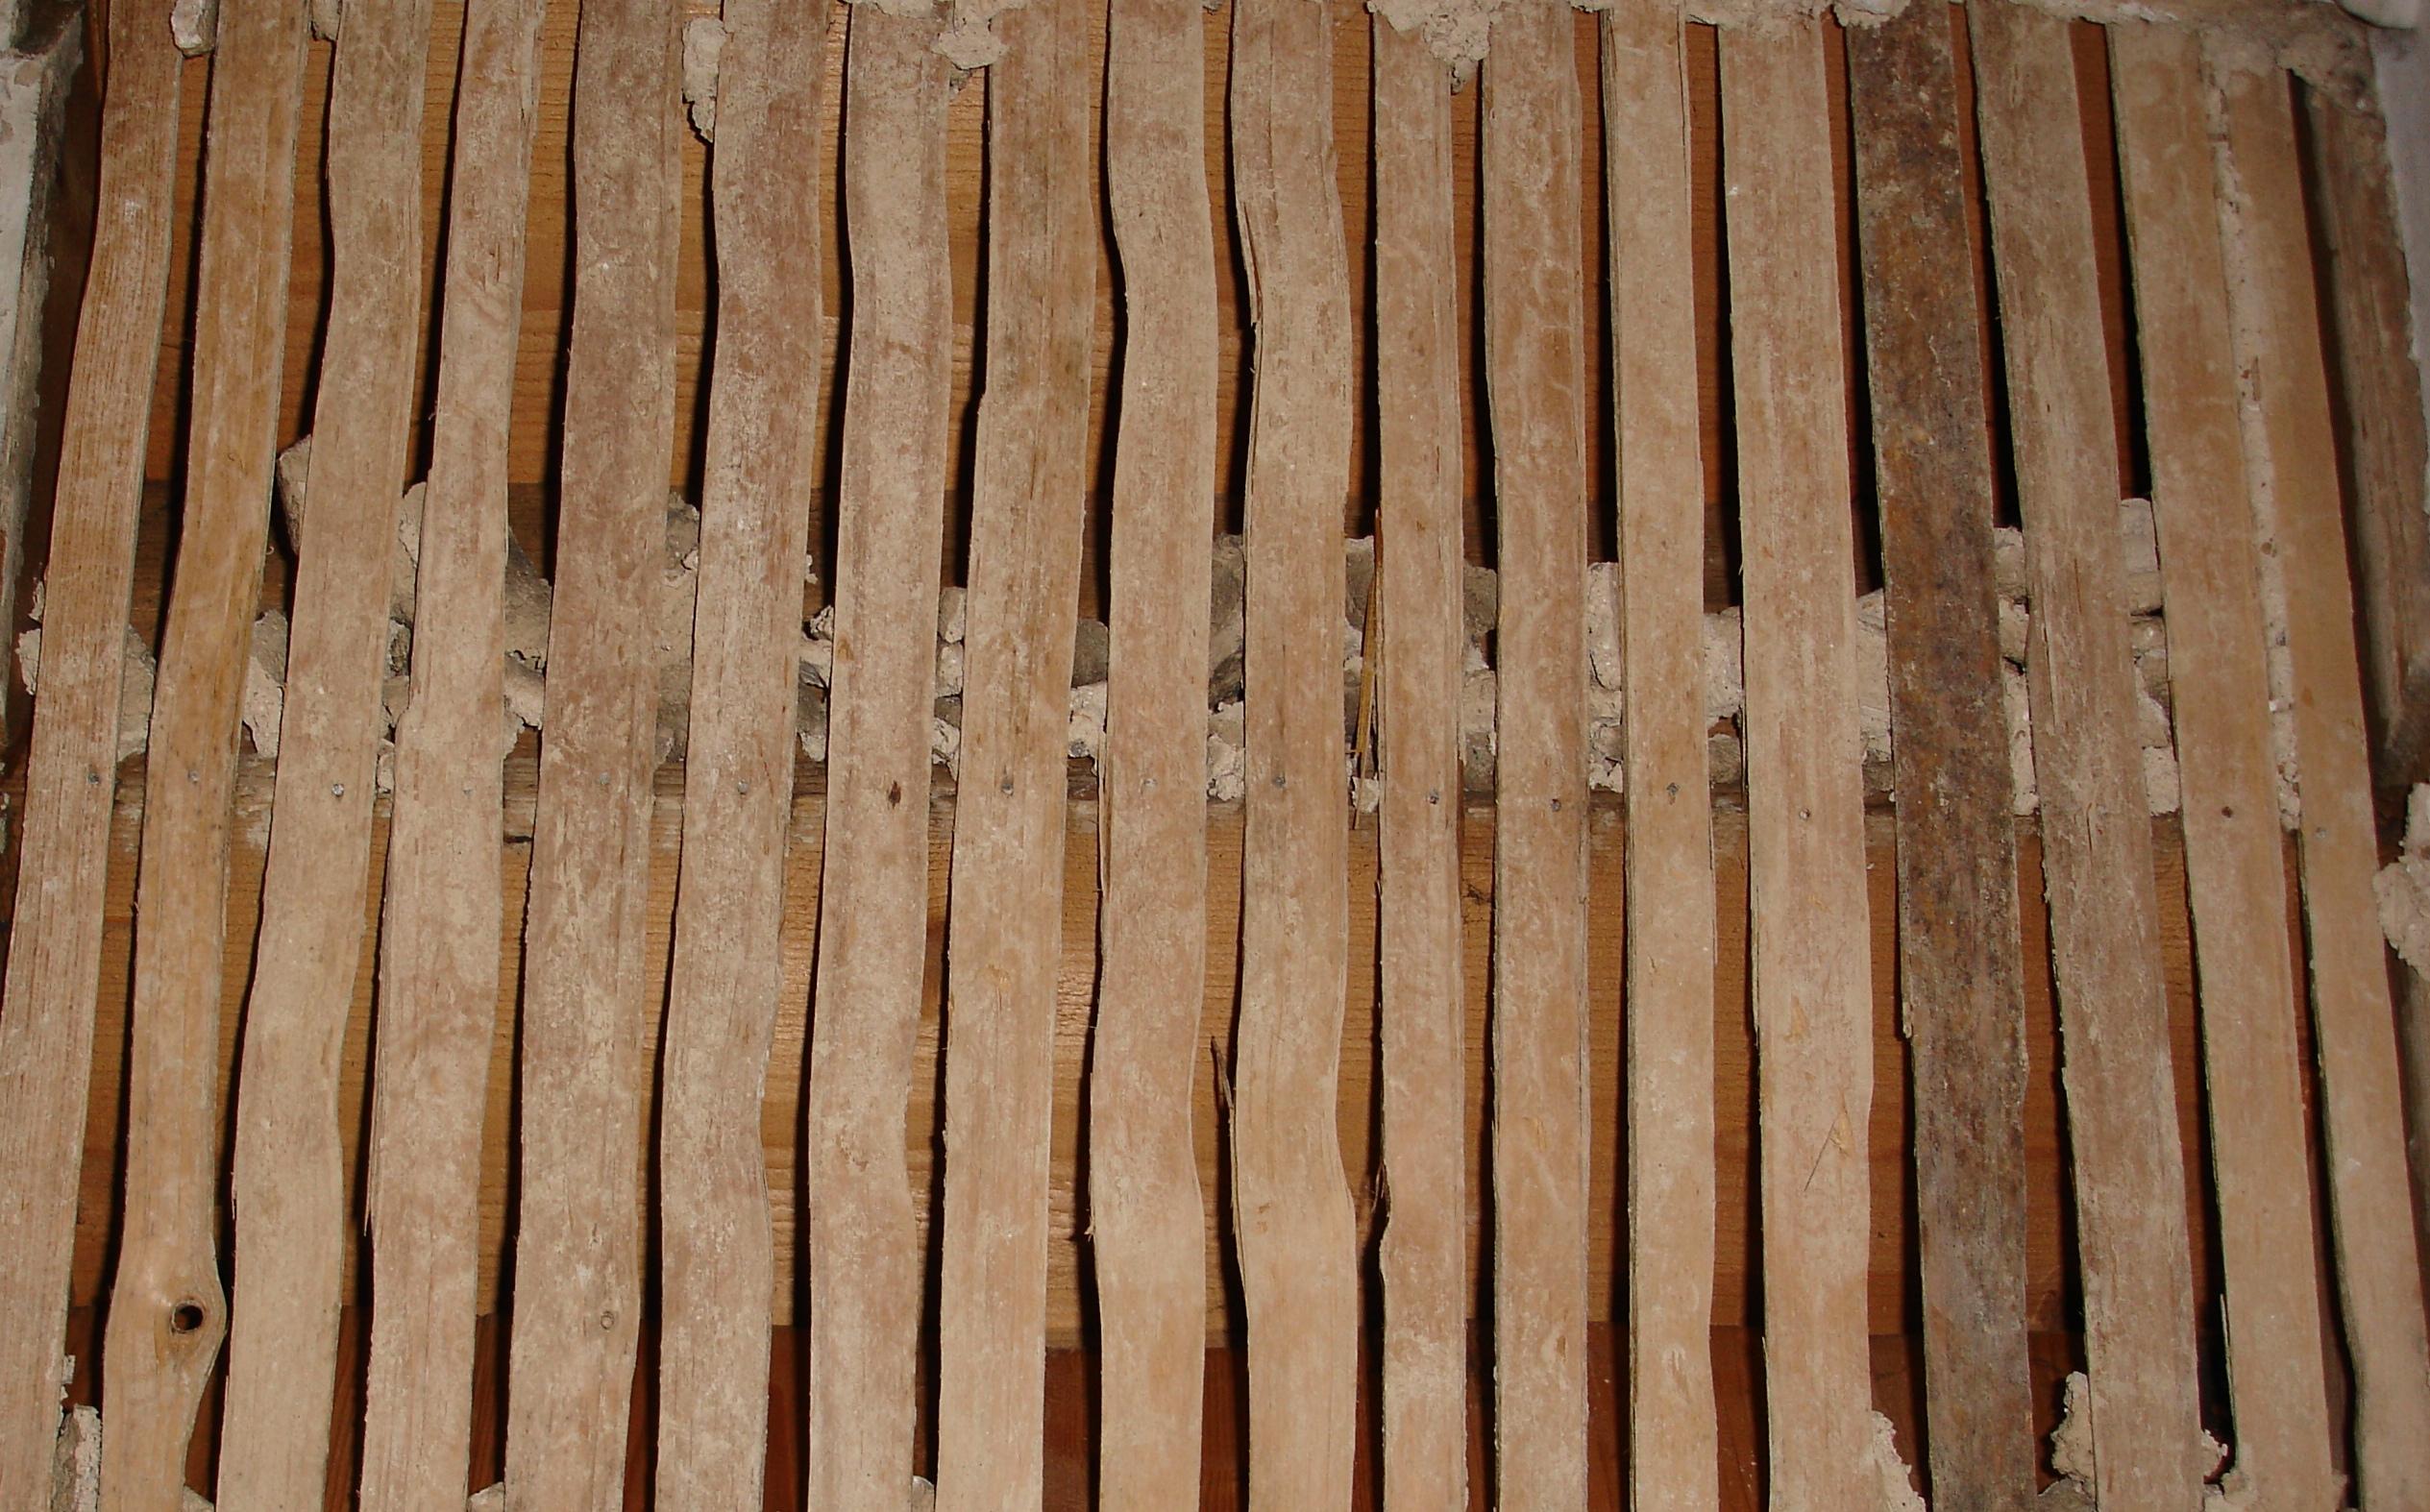 wooden slats hd wallpaper